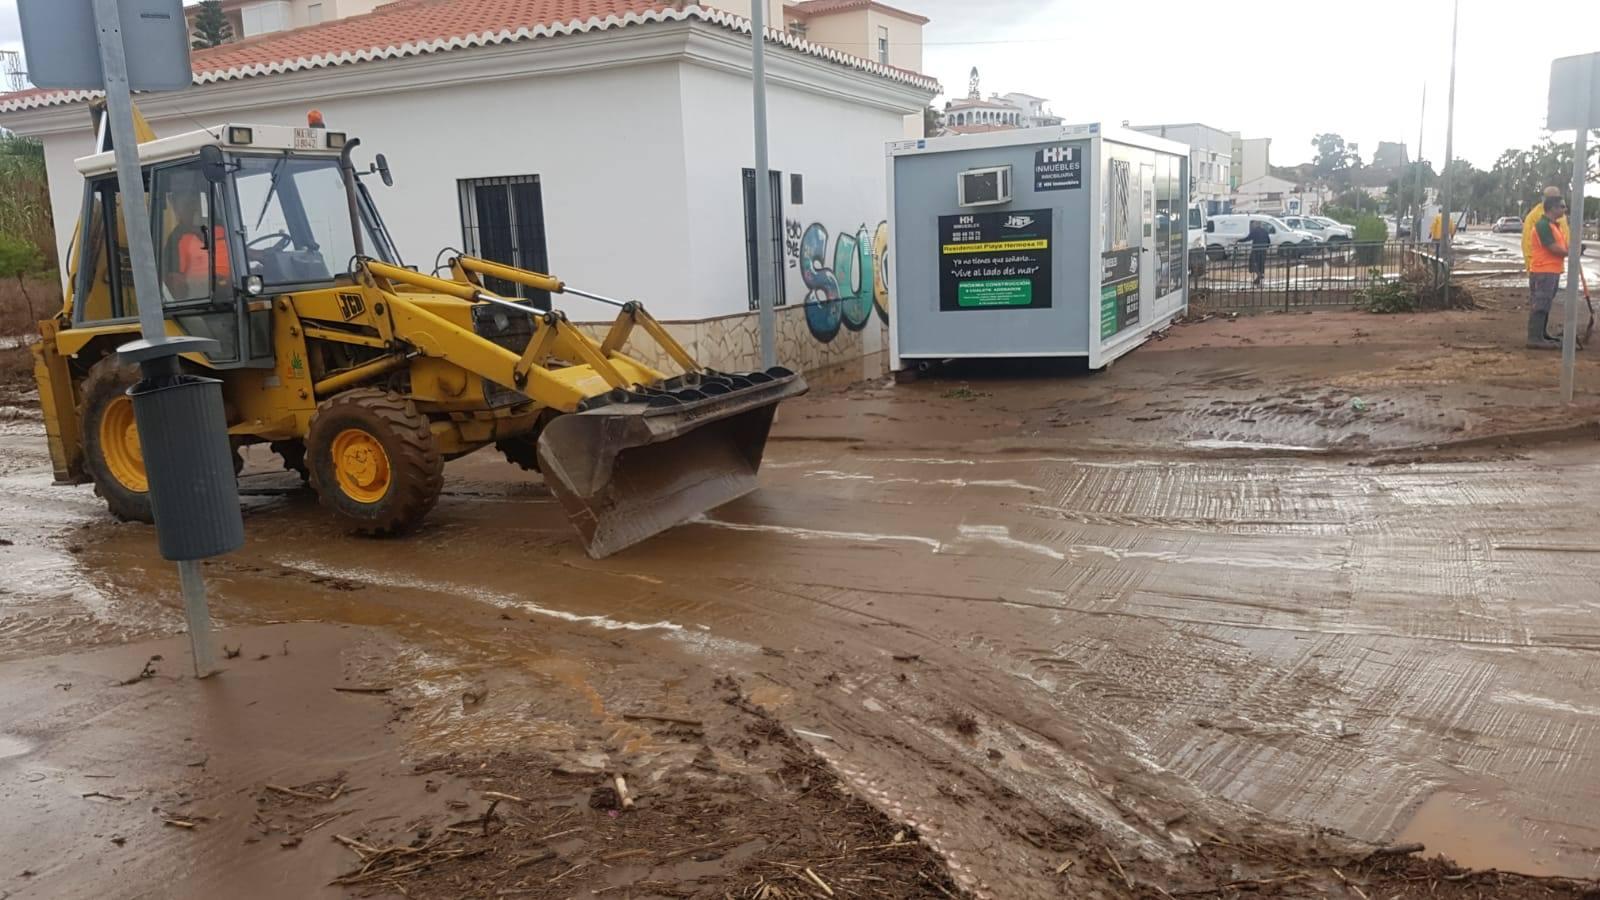 Un arroyo se desborda en Benajafare tras una tromba de agua en una jornada donde se mantiene el aviso amarillo